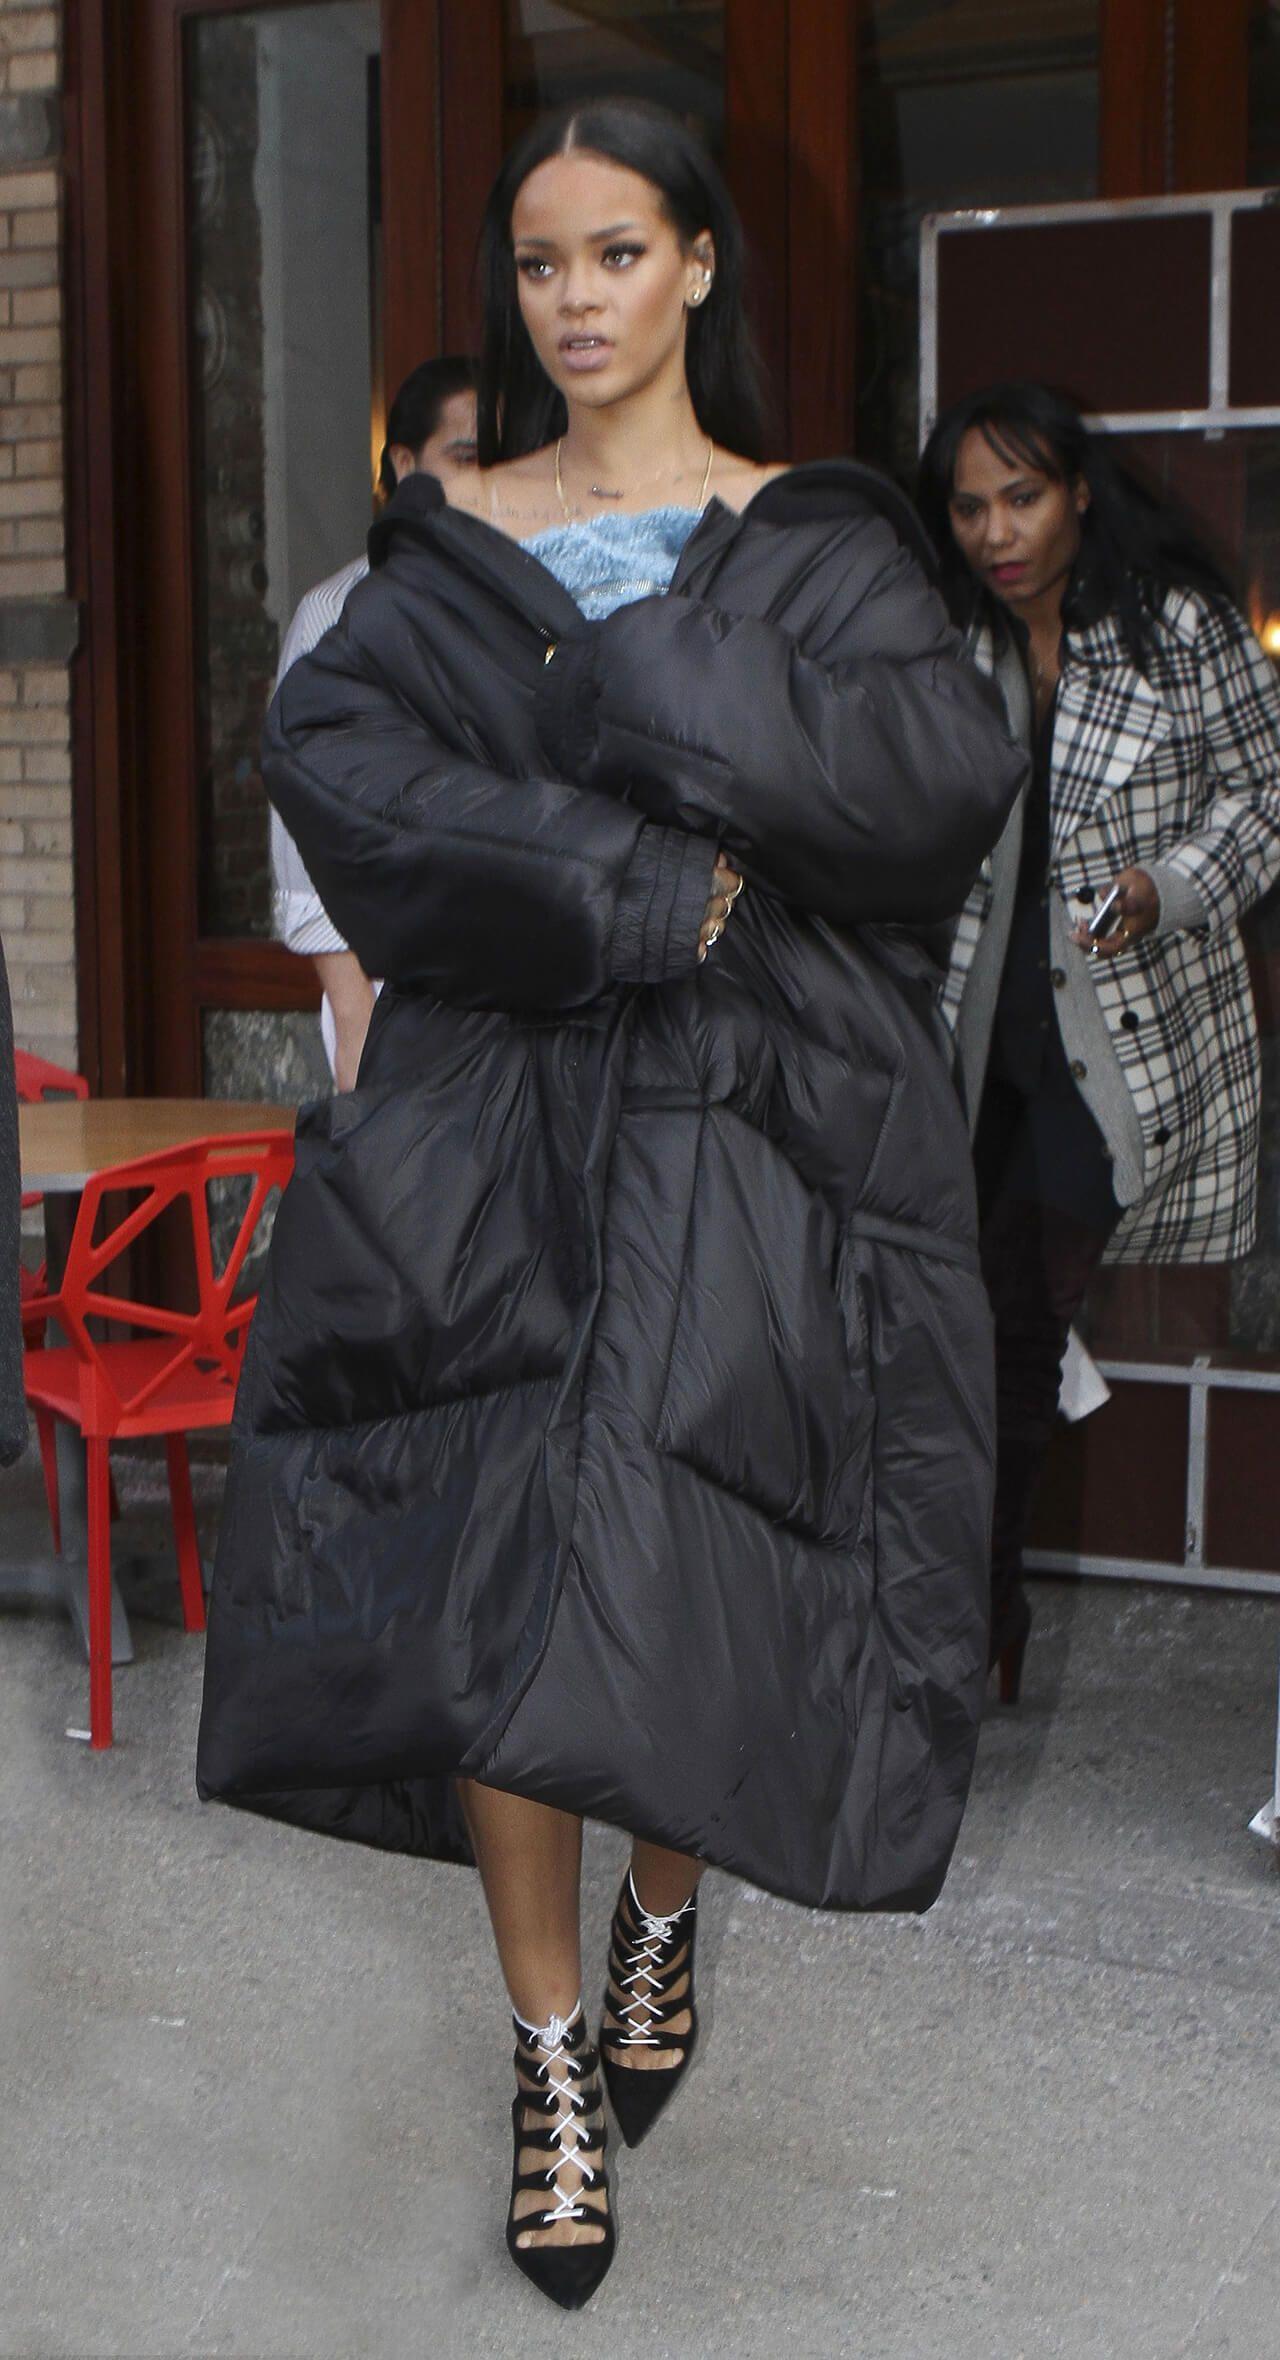 Rihanna Wearing An Oversized Down Jacket Downjacket Riri